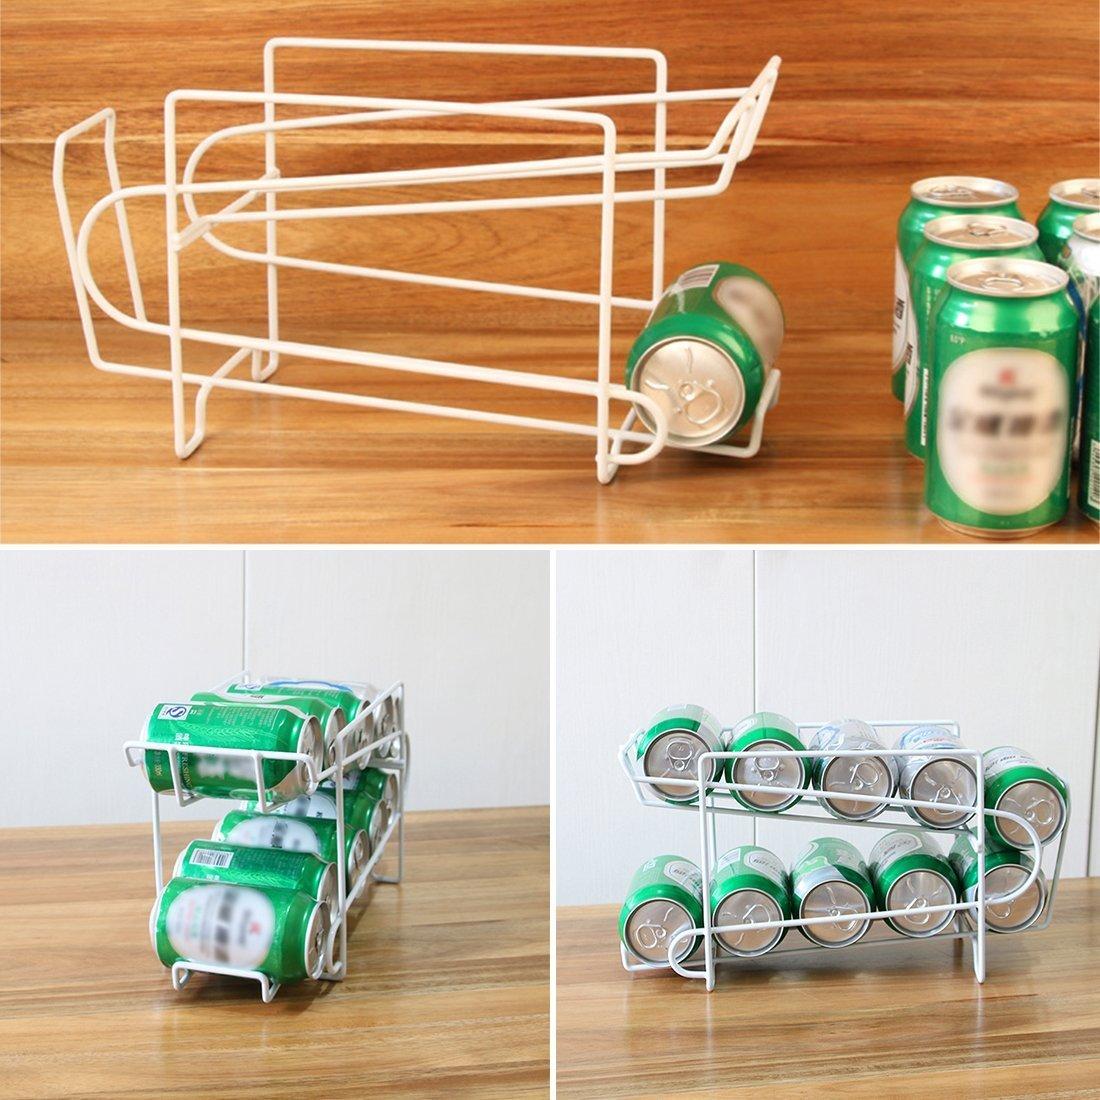 Lata cerveza bebidas dispensador contenedor, Woopower 2 Tier apilable bandeja de bebidas de almacenamiento Rack organizador de accesorio de cocina nevera ...